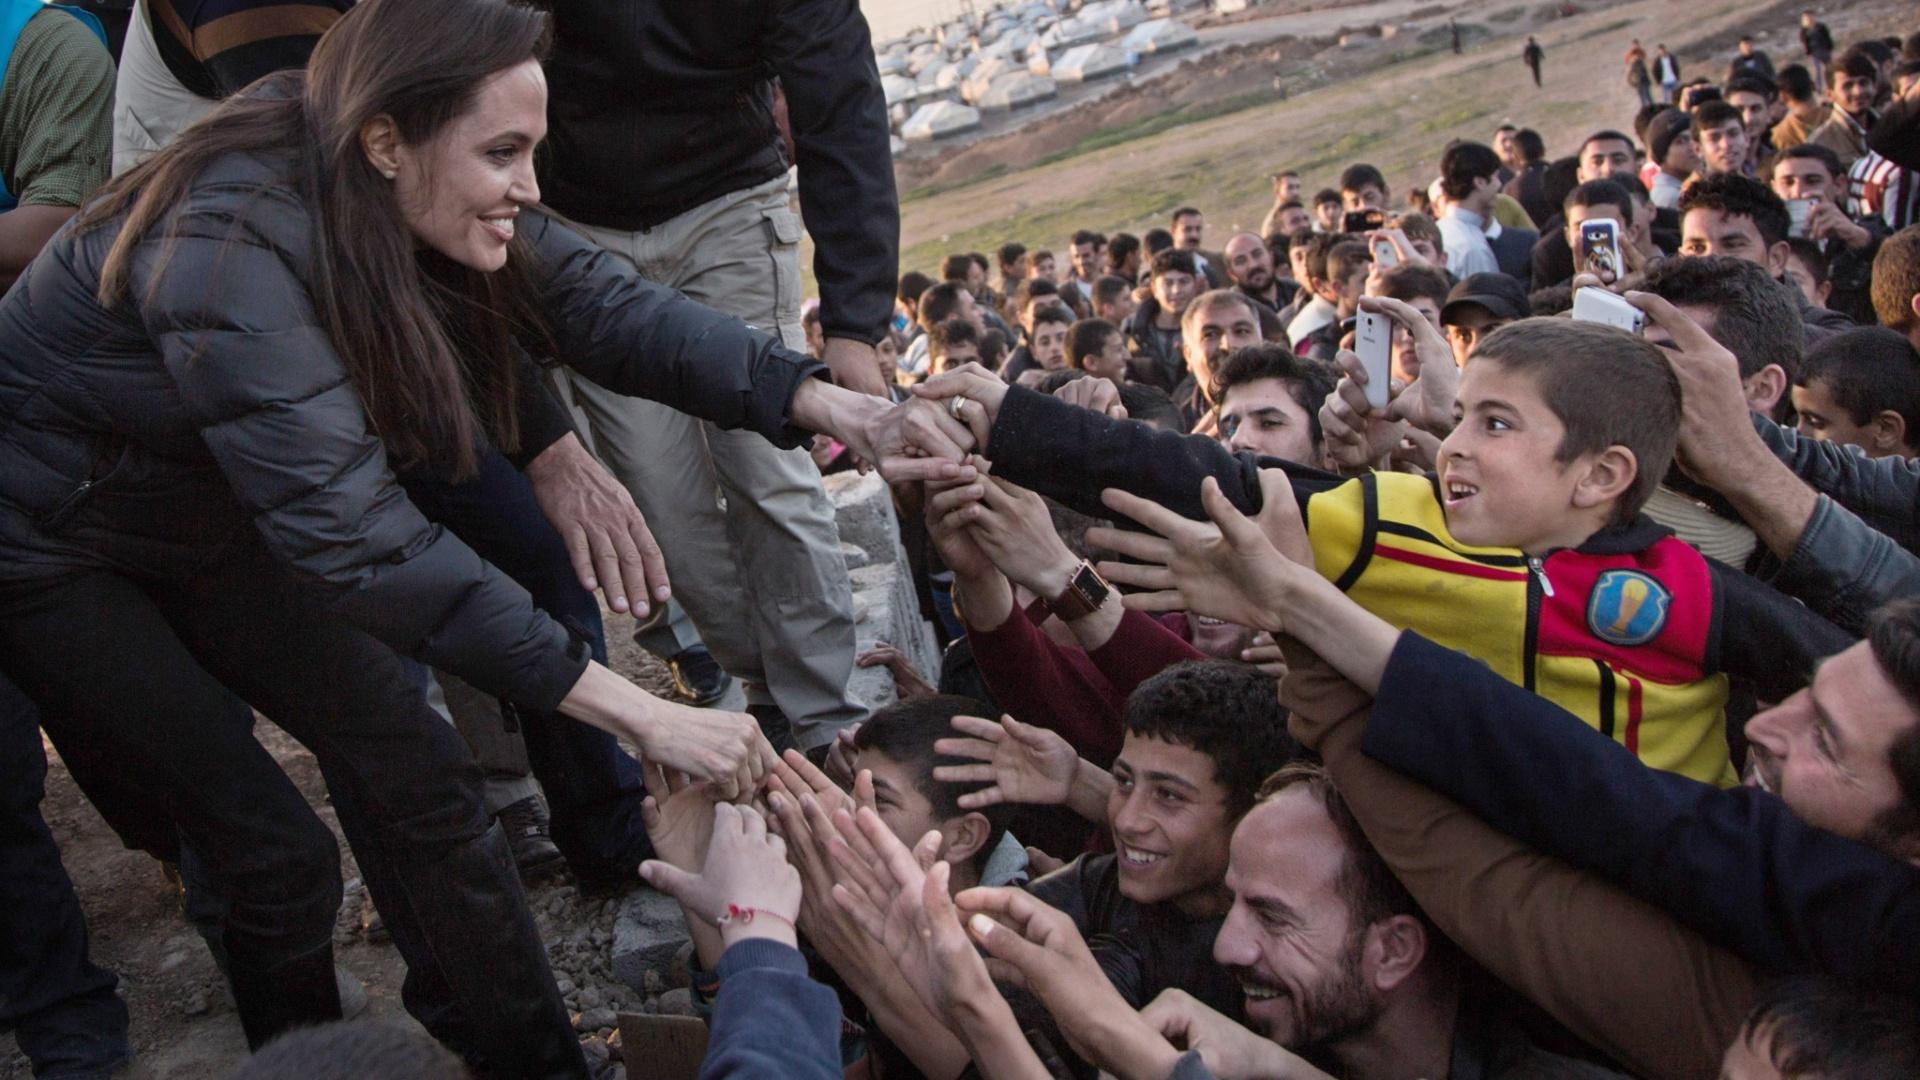 25.jan.2015 - A enviada especial do alto comissariado das Nações Unidades para os Refugiados, a atriz Angelina Jolie, visitou neste domingo (25) um campo para refugiados em Dahuk, no Curdistão, a 430 km de Bagdá, no Iraque. Em seu discurso, Jolie pediu à comunidade internacional mais empenho na resolução de conflitos no Iraque e na Síria